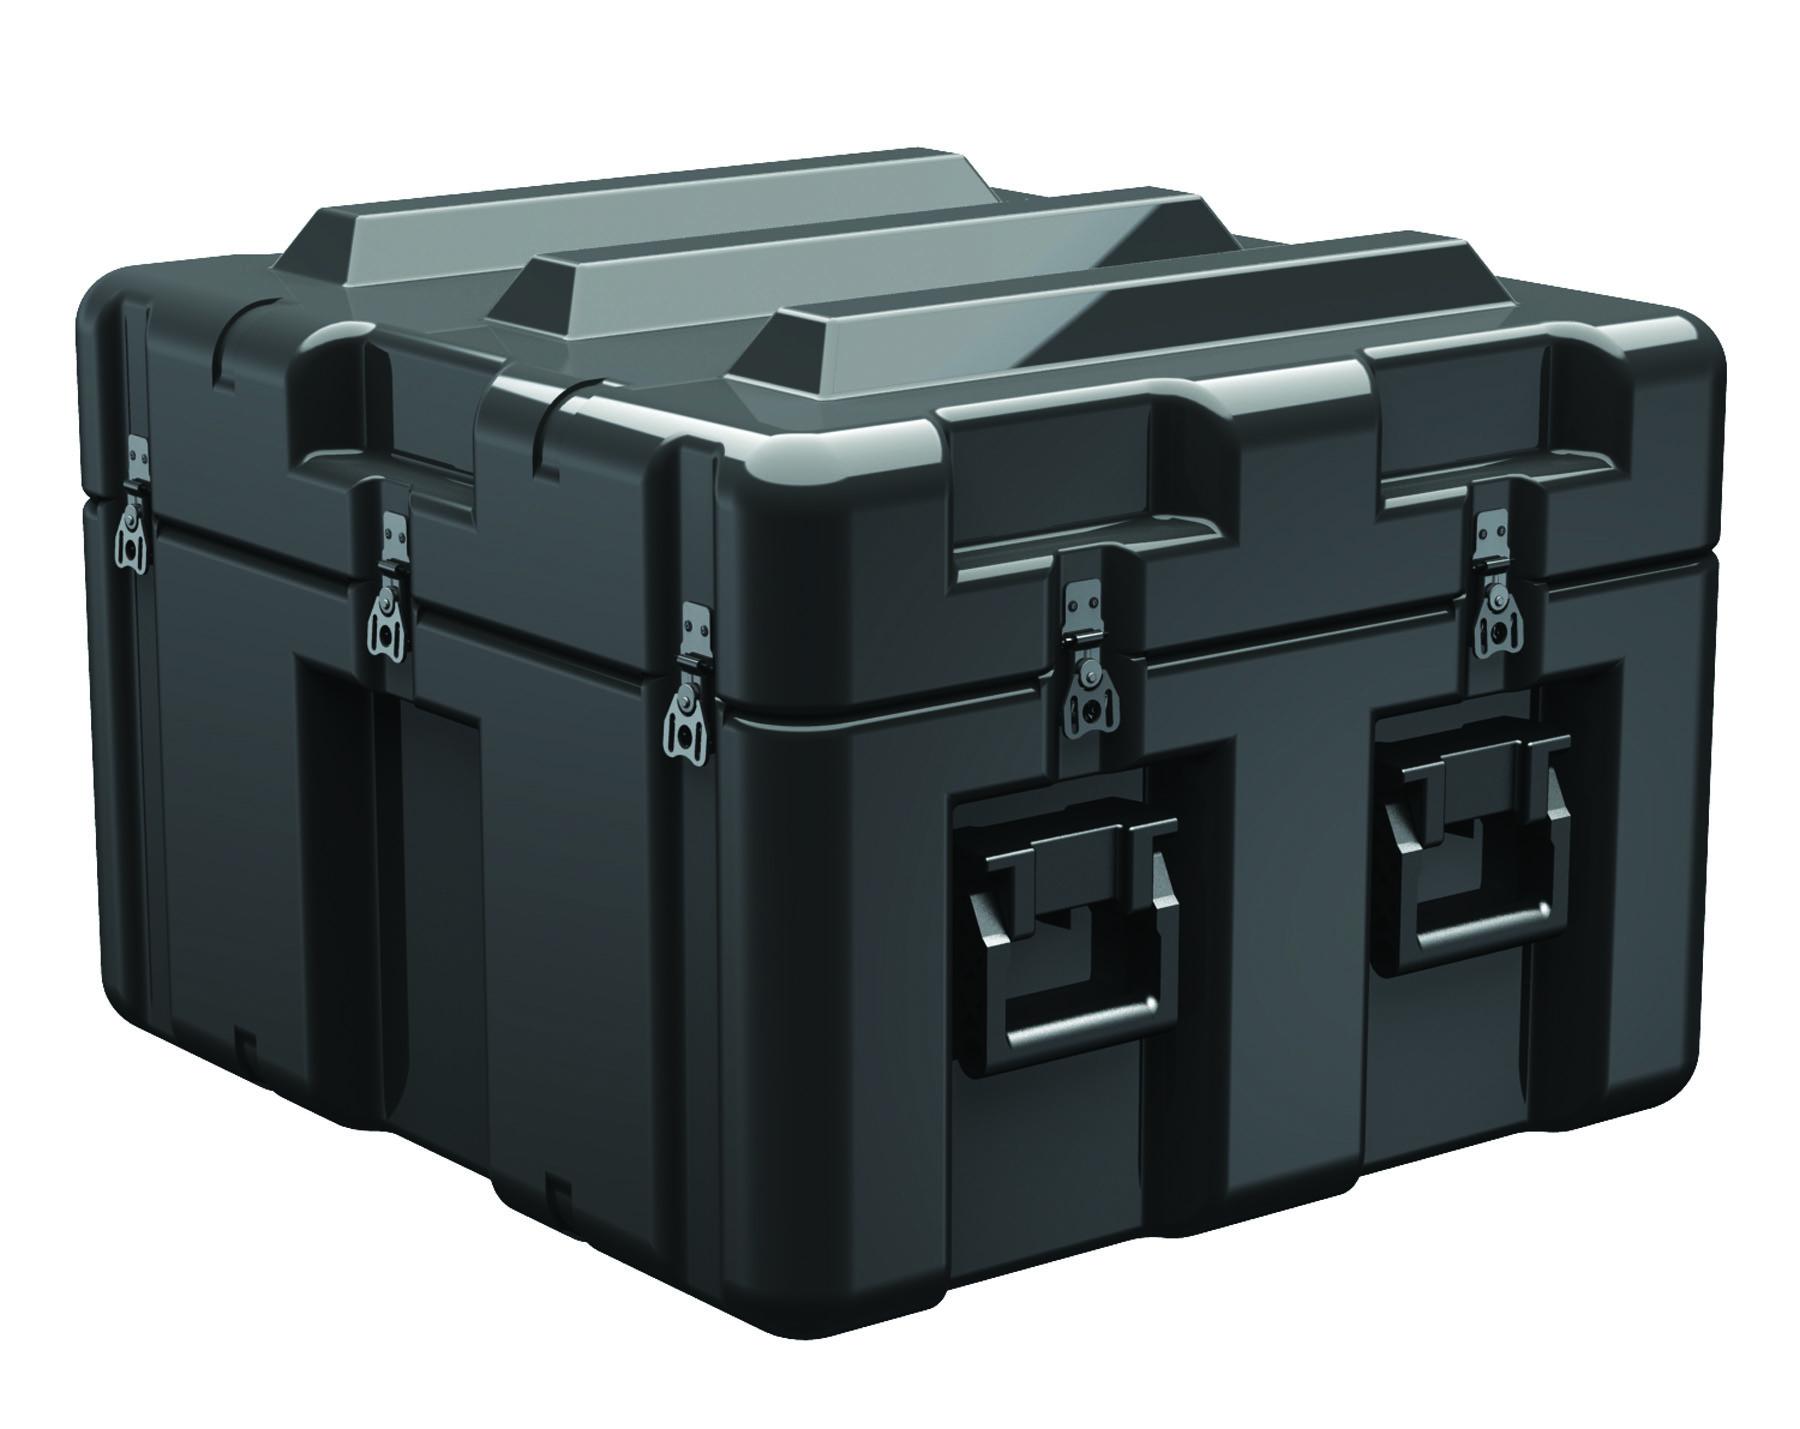 AL2624-1205 - AL2624-1205 Single Lid Case - CasesTSA